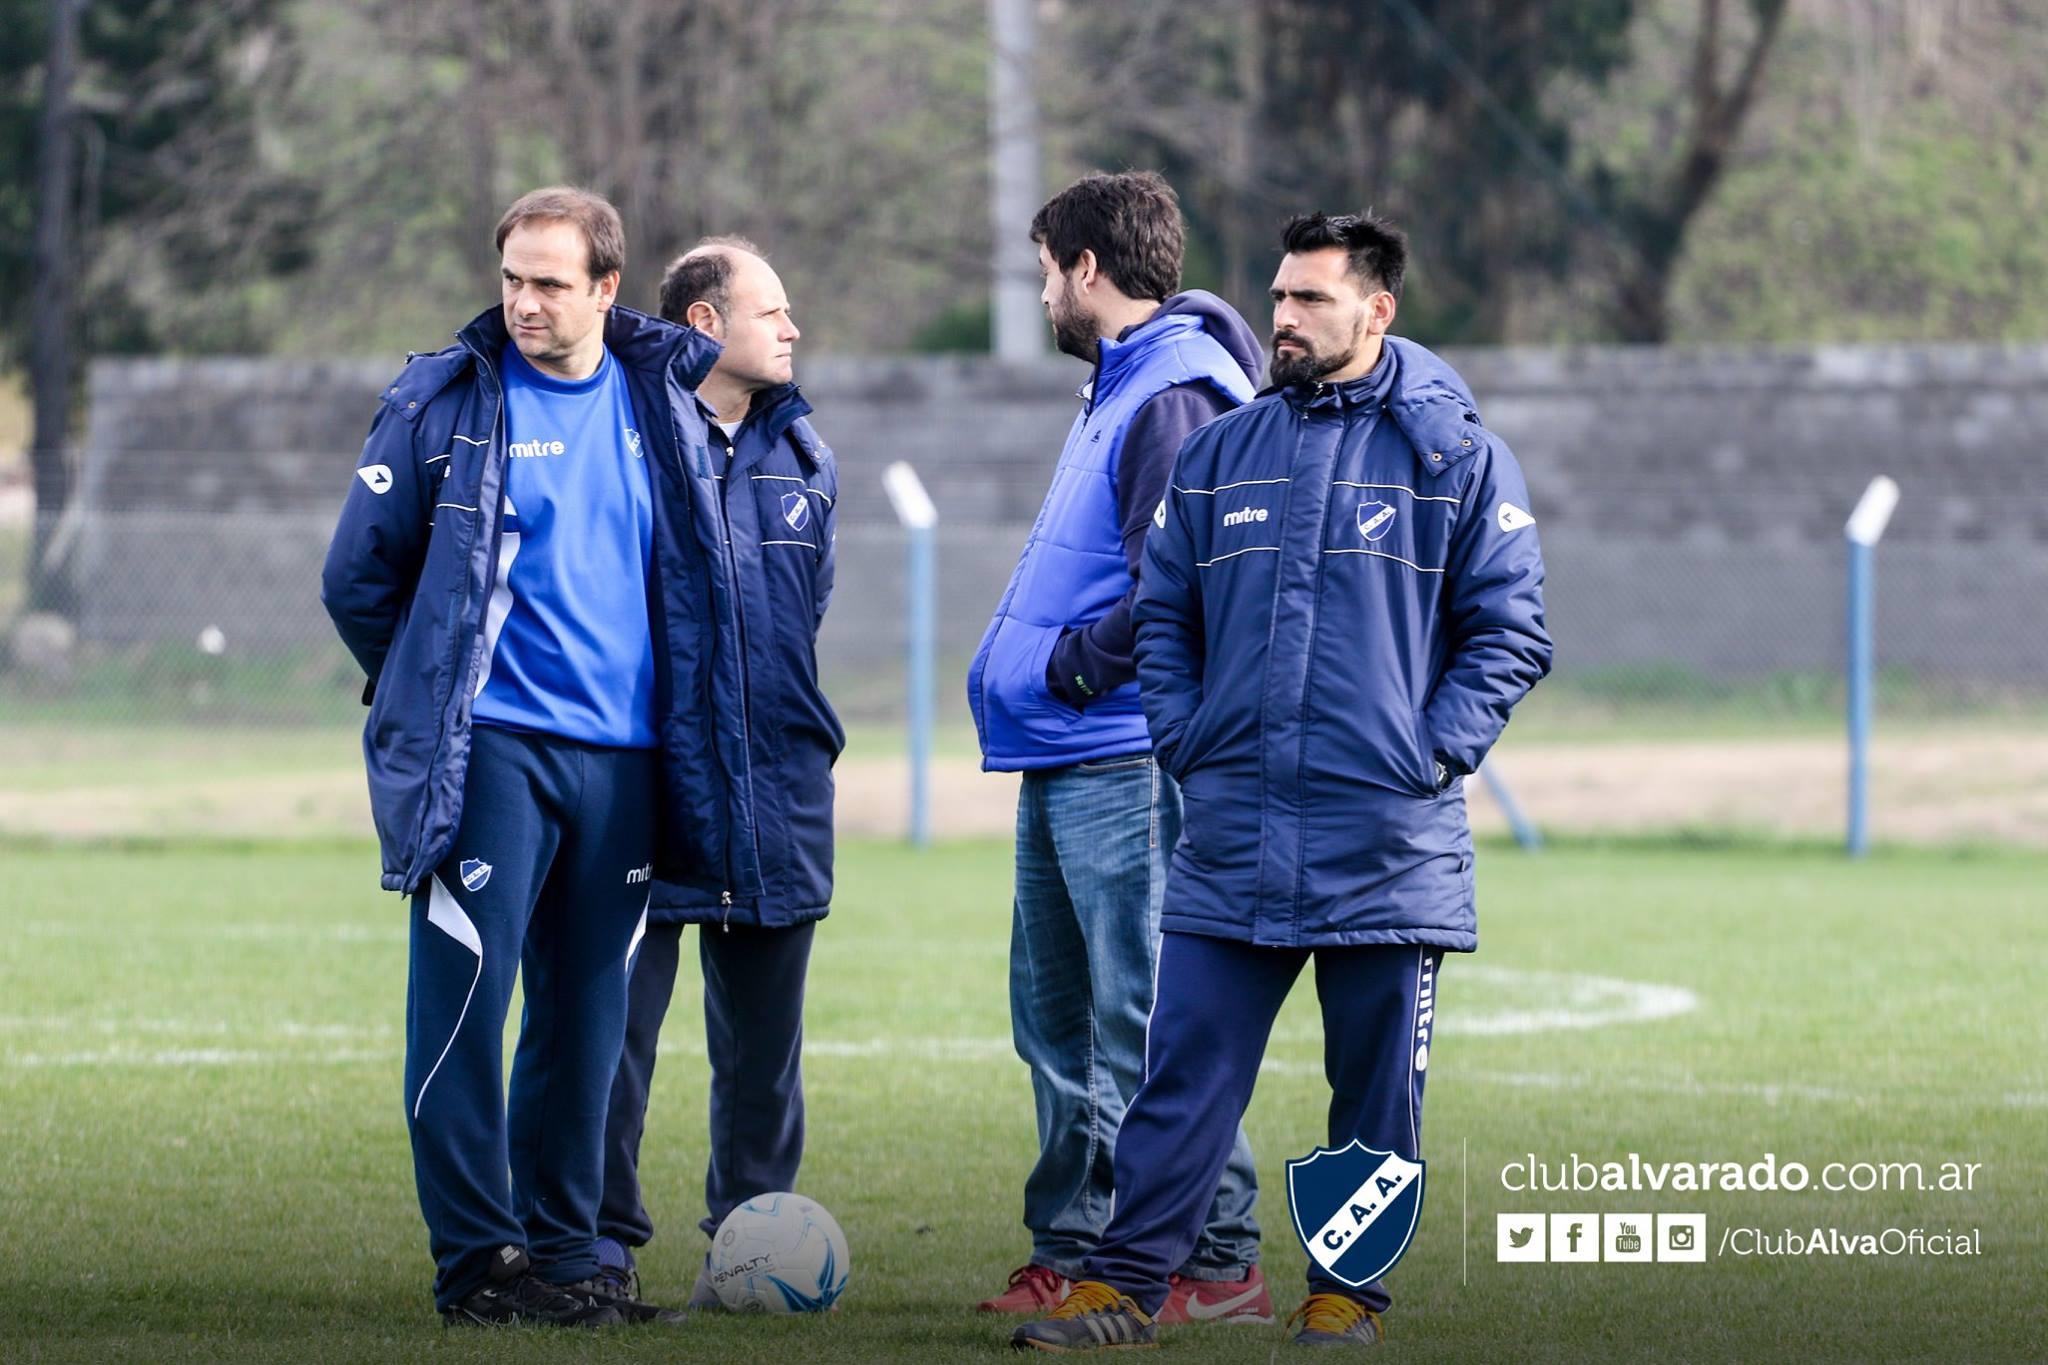 El cuerpo técnico de Alvarado prepara el partido ante Defensores de Belgrano. (Foto: Florencia Arroyos - Club Alvarado)